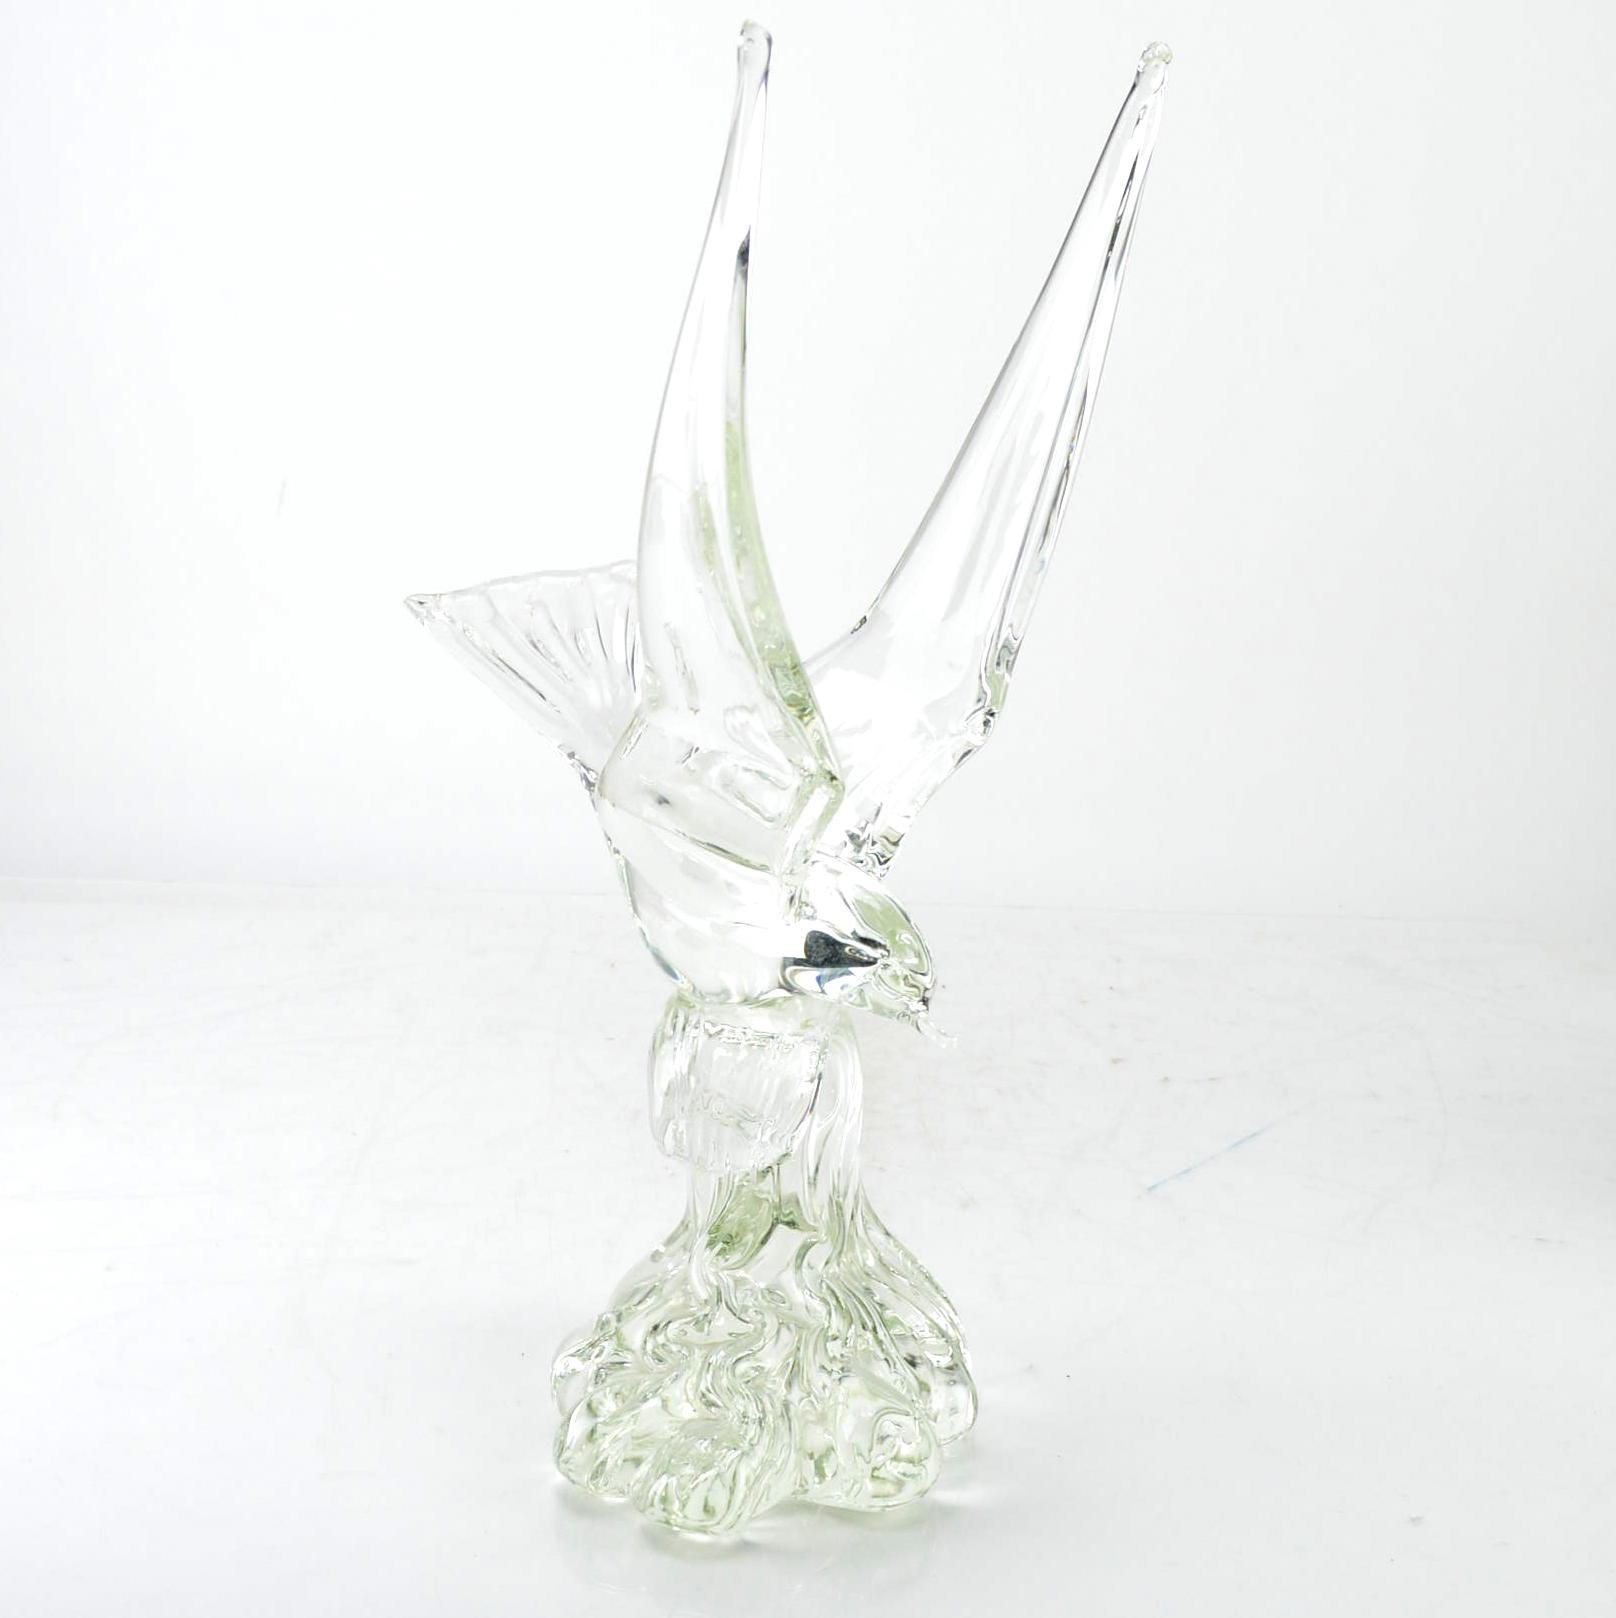 Murano Glass Bird on Wave Sculpture